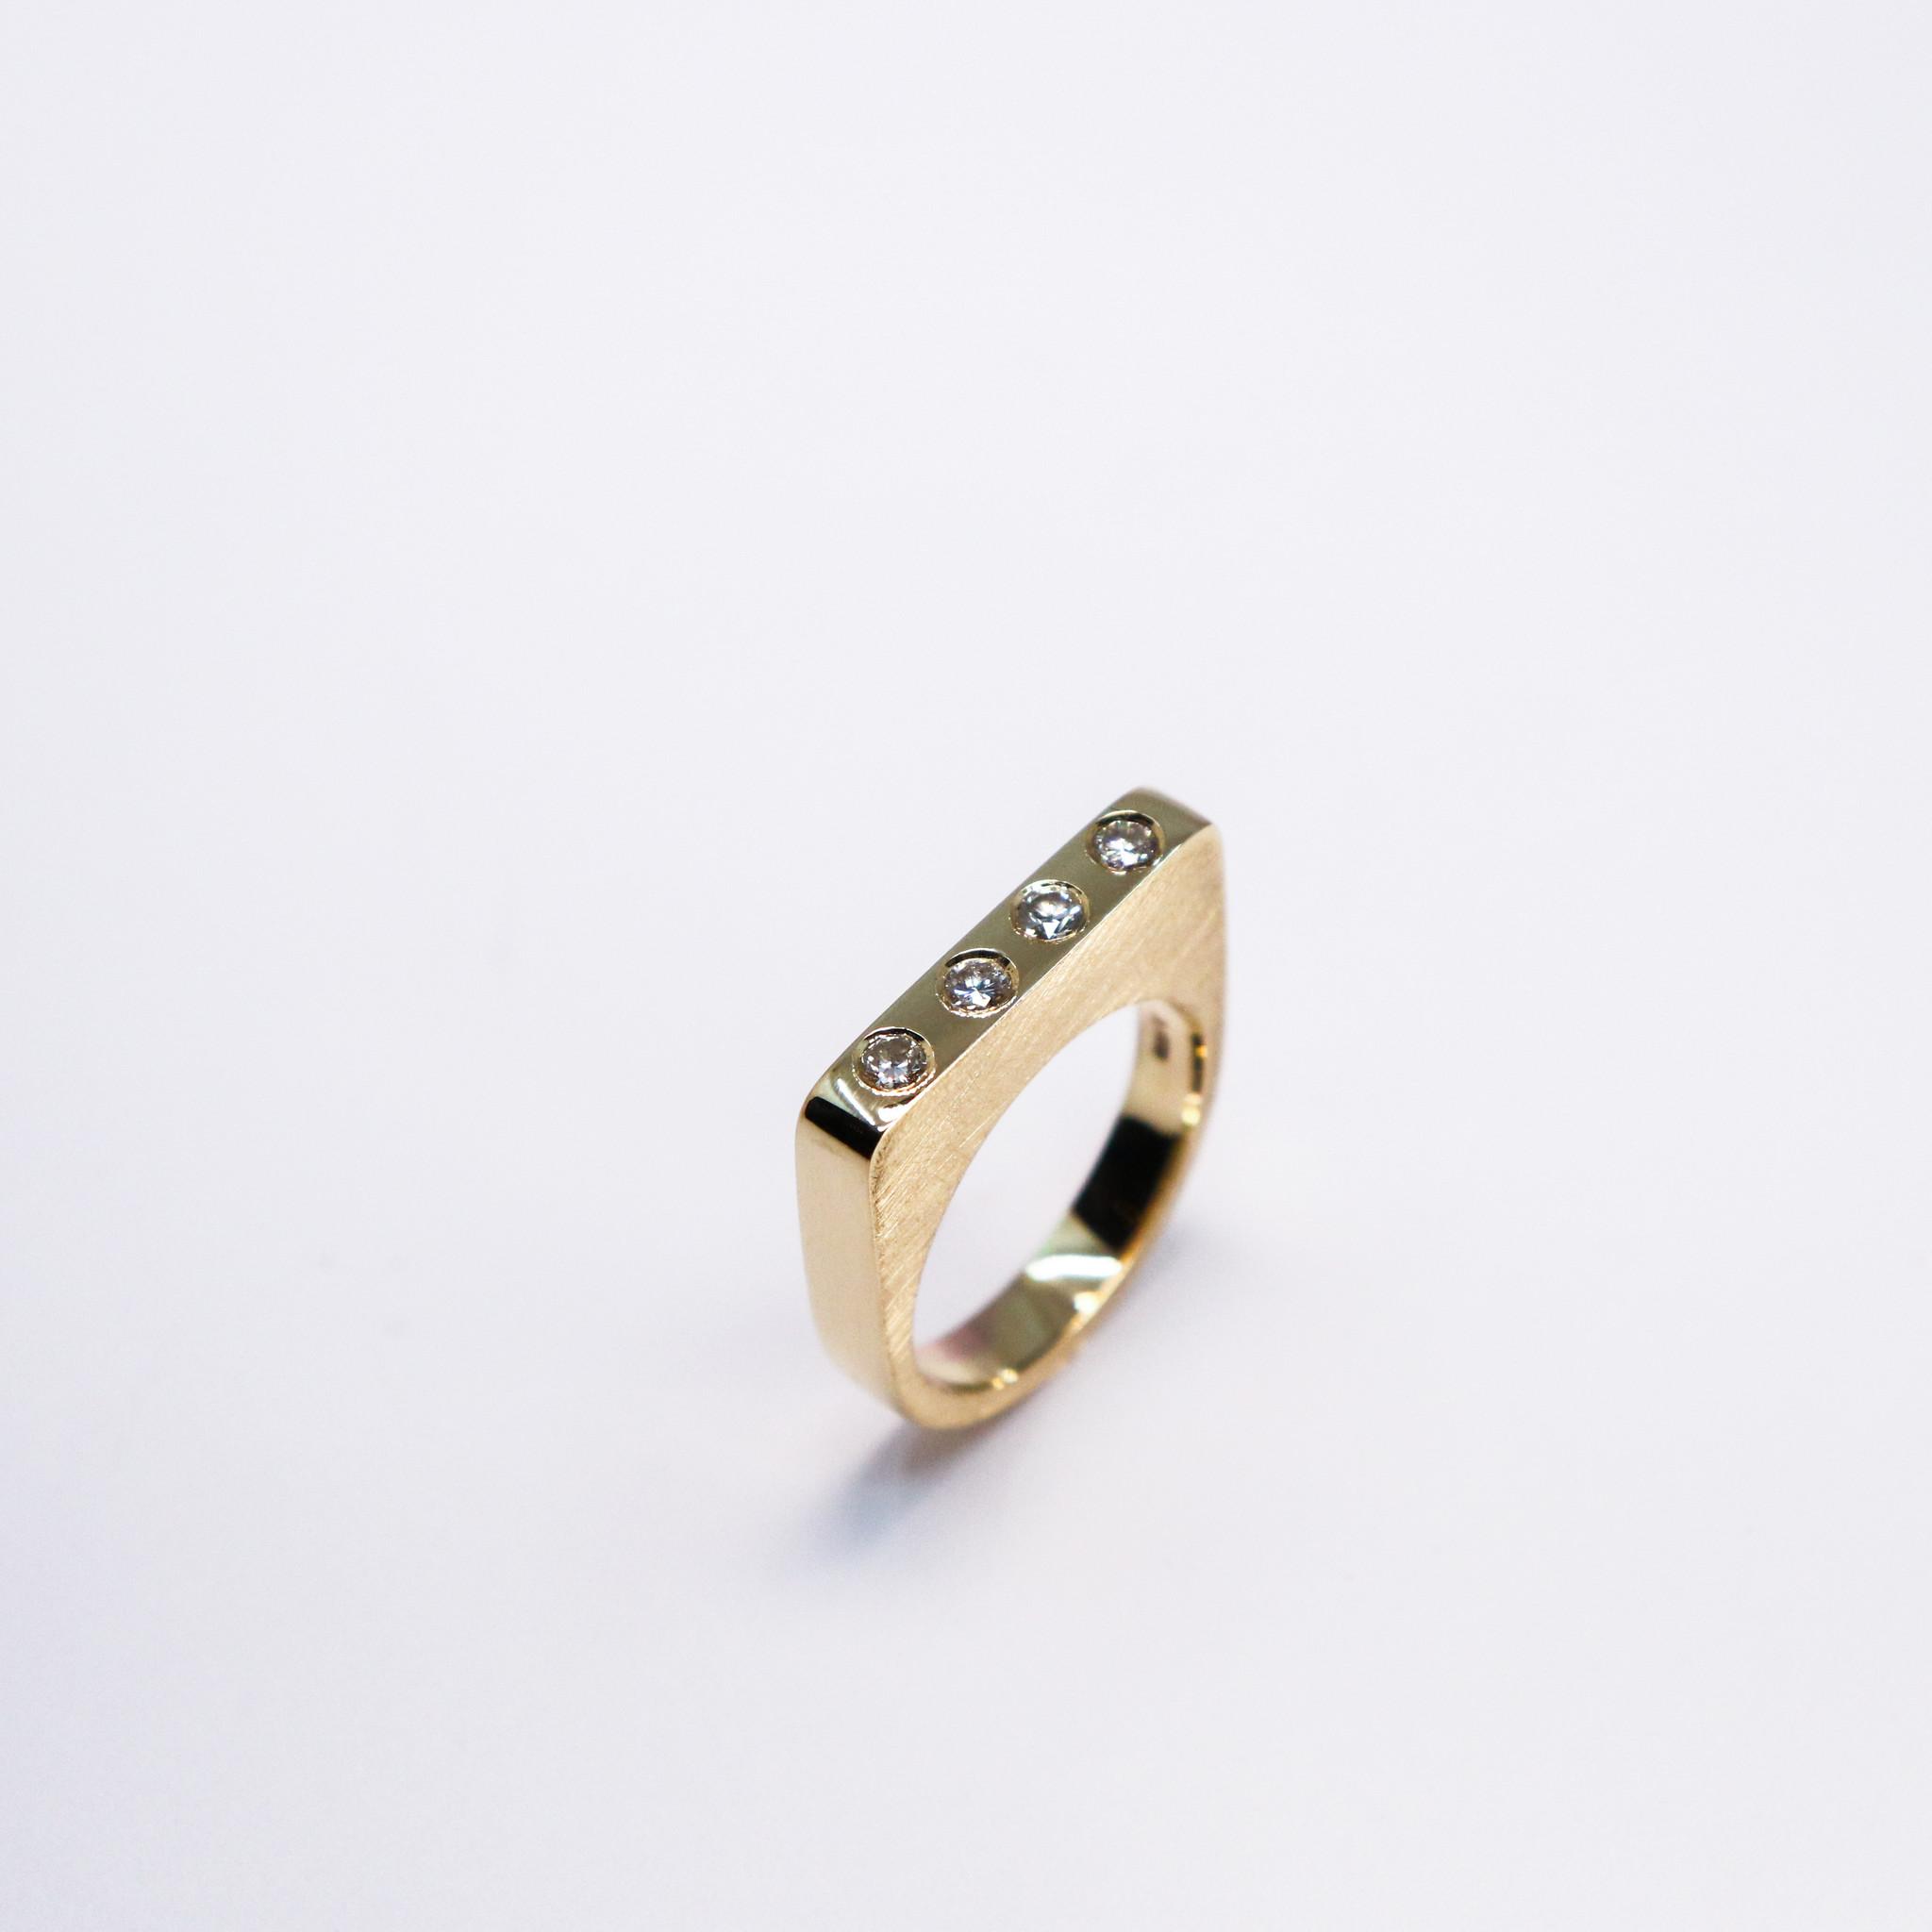 Ring SOBER, goud-7